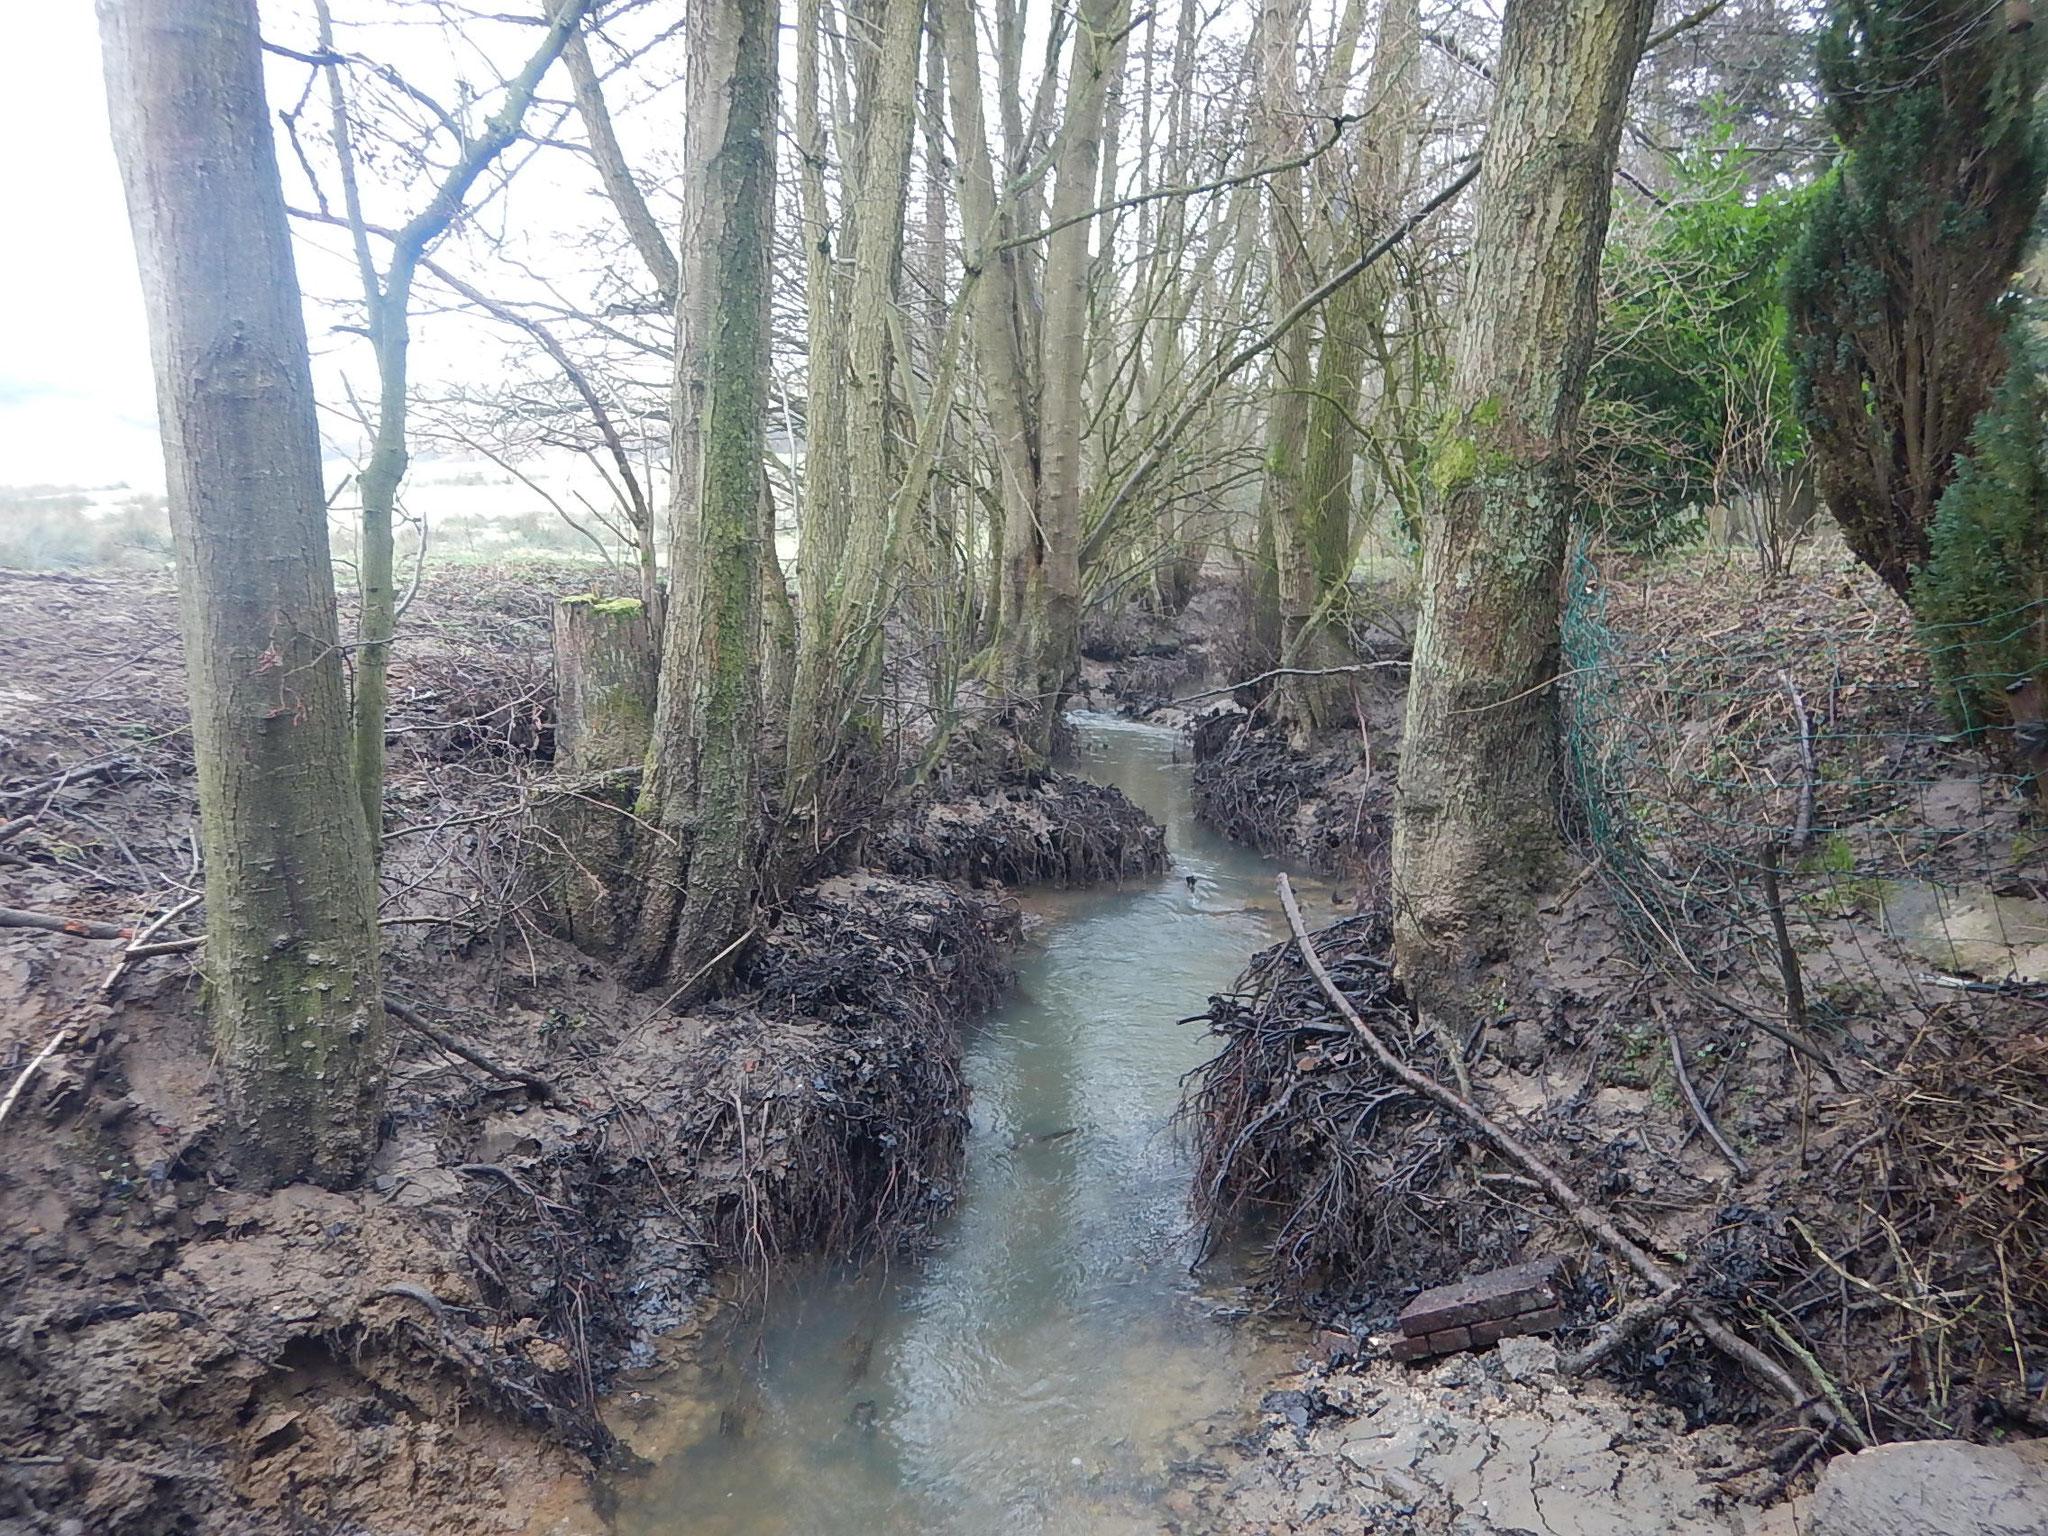 Dénoiement du cours d'eau (90 cm de hauteur) en amont immédiat du pont